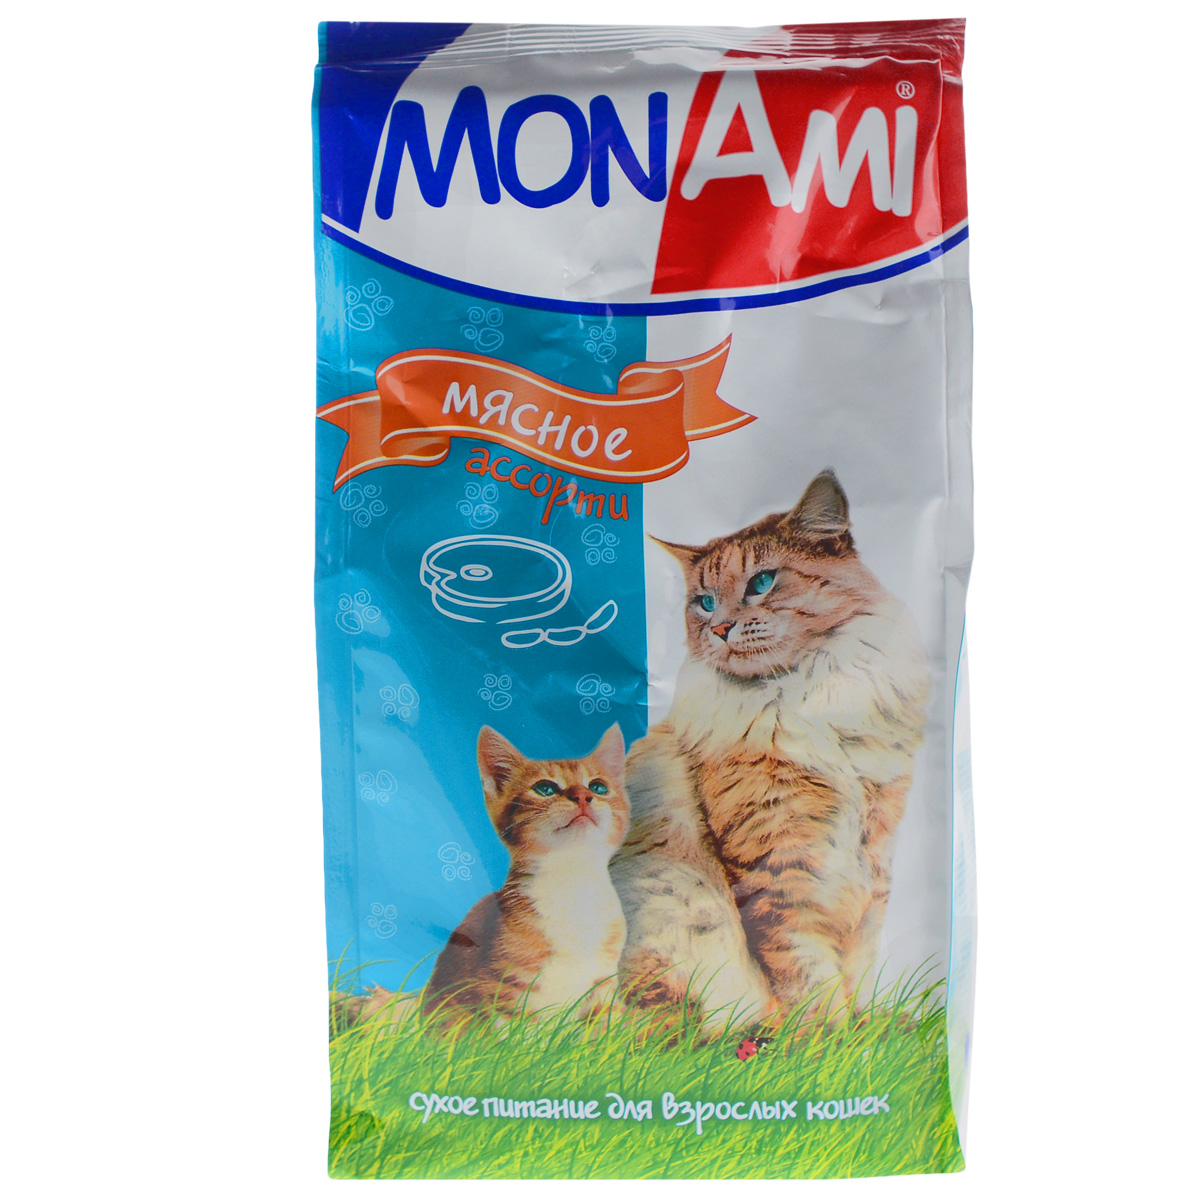 Корм сухой для кошек Mon Ami, мясное ассорти, 400 г0120710Сухой корм для кошек Mon Ami - это полноценное сбалансированное питание для кошек, разработанное с использованием современных технологий. Особенности рациона: Необходимое сочетание ингредиентов для достижения правильной усвояемости питательных веществ организмом. Источник линолевой кислоты и правильного уровня витаминов группы В благотворно влияют на кожу и шерсть. Таурин - для здоровья глаз и сердца. Состав: злаки (пшеница, рис), экстракт белка растительного происхождения, мясо и продукты животного происхождения (в т.ч. кролик), подсолнечное масло, минеральные добавки, гидролизованная печень, пульпа сахарной свеклы (жом), витамины, пивные дрожжи, таурин, антиоксидант. Анализ: сырой протеин 30%, сырой жир 10%, сырая зола 7%, сырая клетчатка 2,5%, влажность 10%, фосфор 0,9%, кальций 1,05%, витамин А 5000 МЕ/кг, витамин Д 500 МЕ/кг, витамин Е 30 мг/кг. Энергетическая ценность: 333 ккал/100 г. Товар сертифицирован.